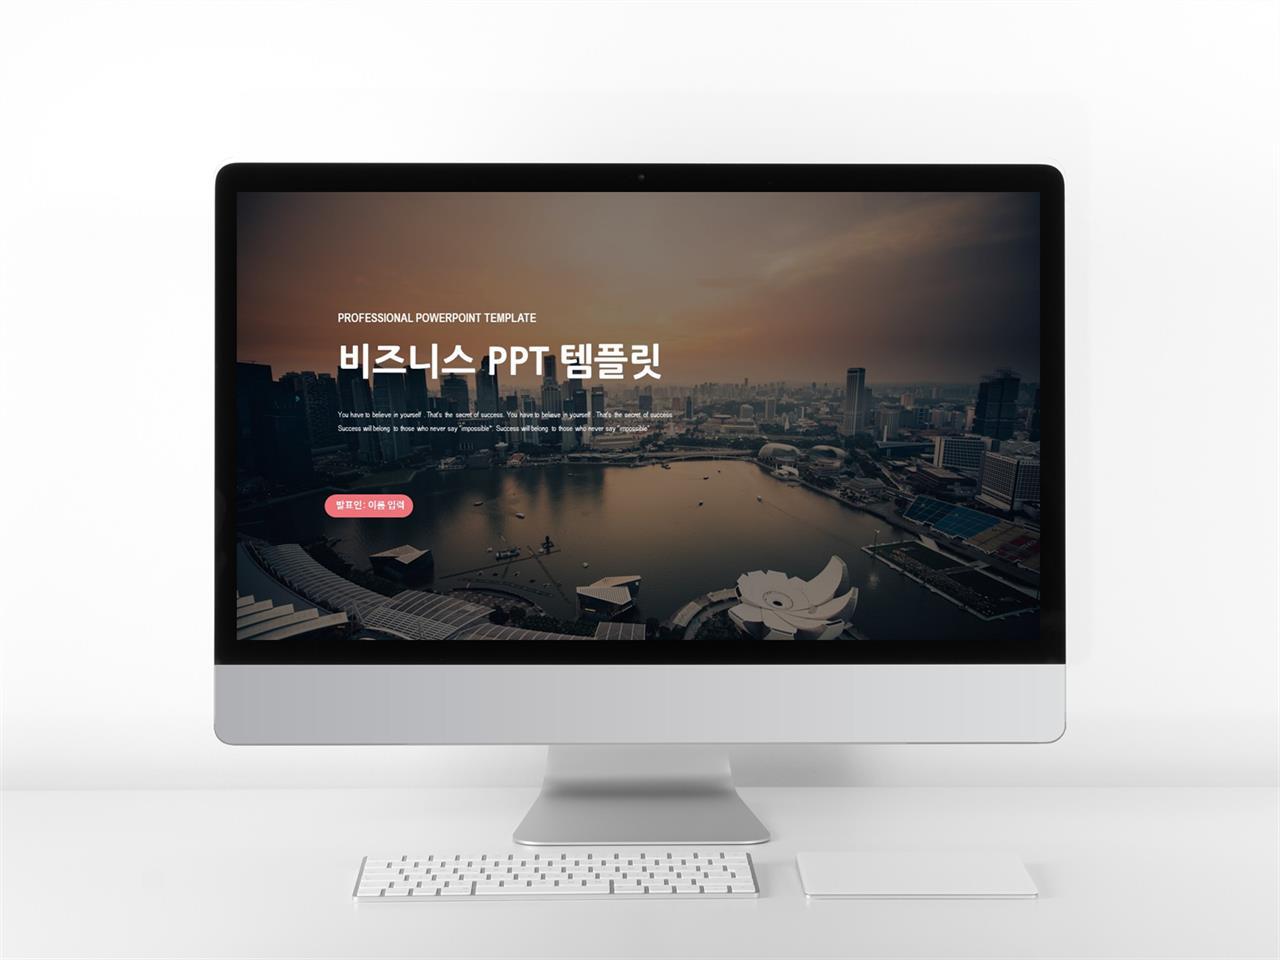 상업계획 블랙 화려한 프로급 PPT템플릿 사이트 미리보기